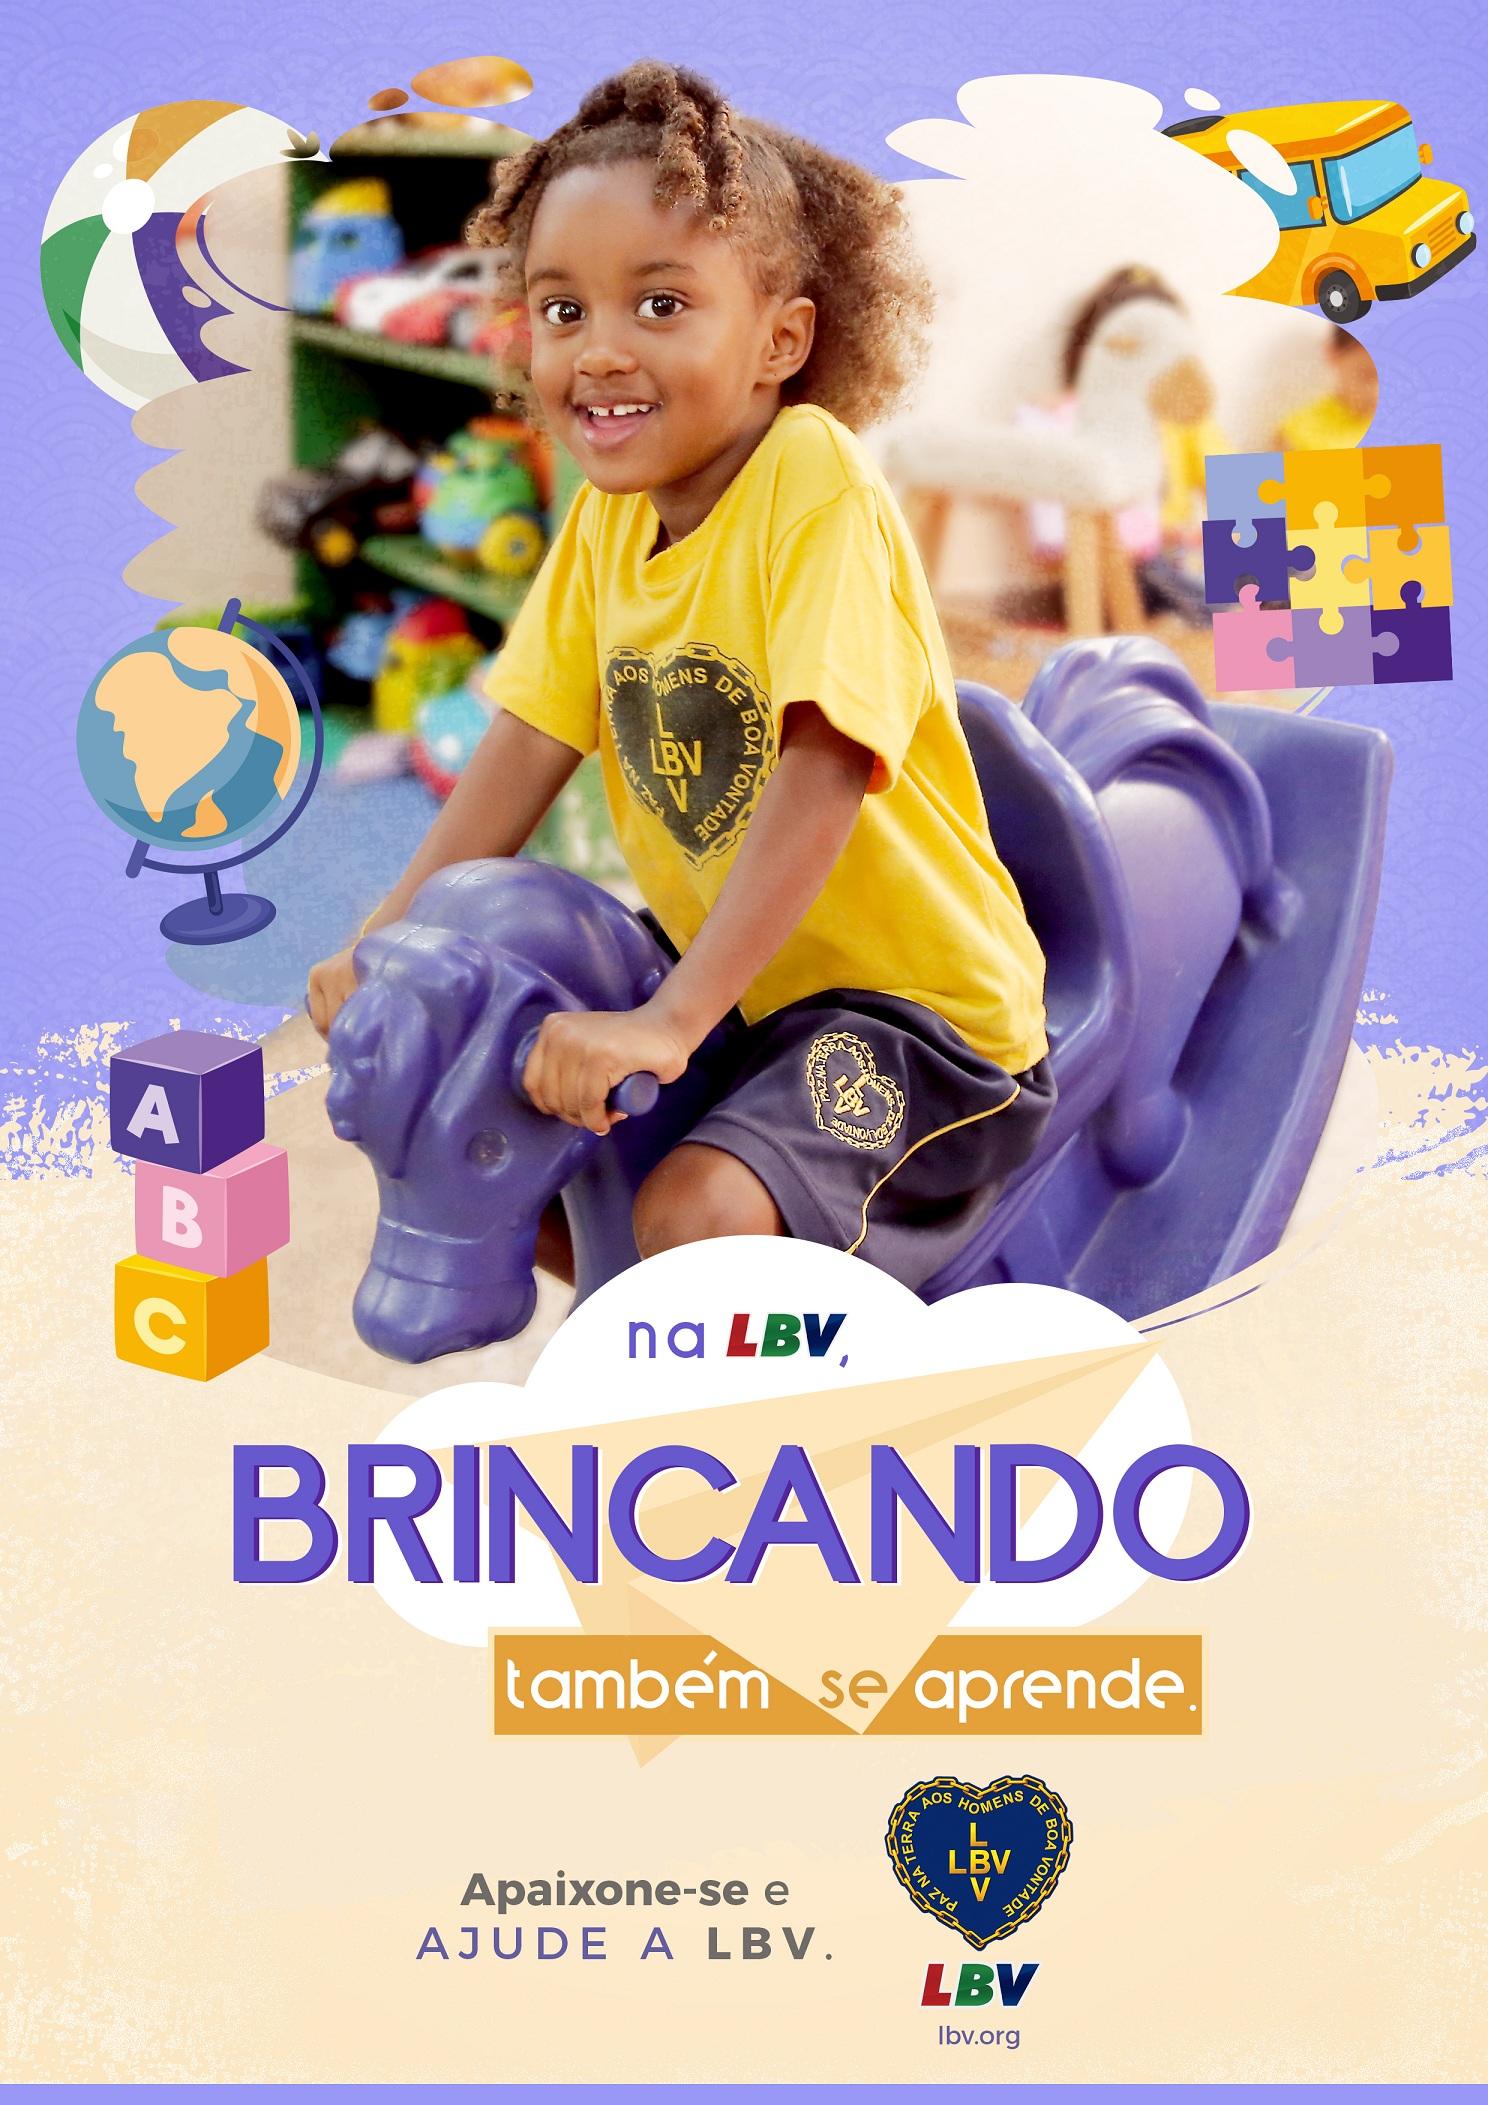 03_Eu Ajudo a Mudar_ed 2019_brincar_02